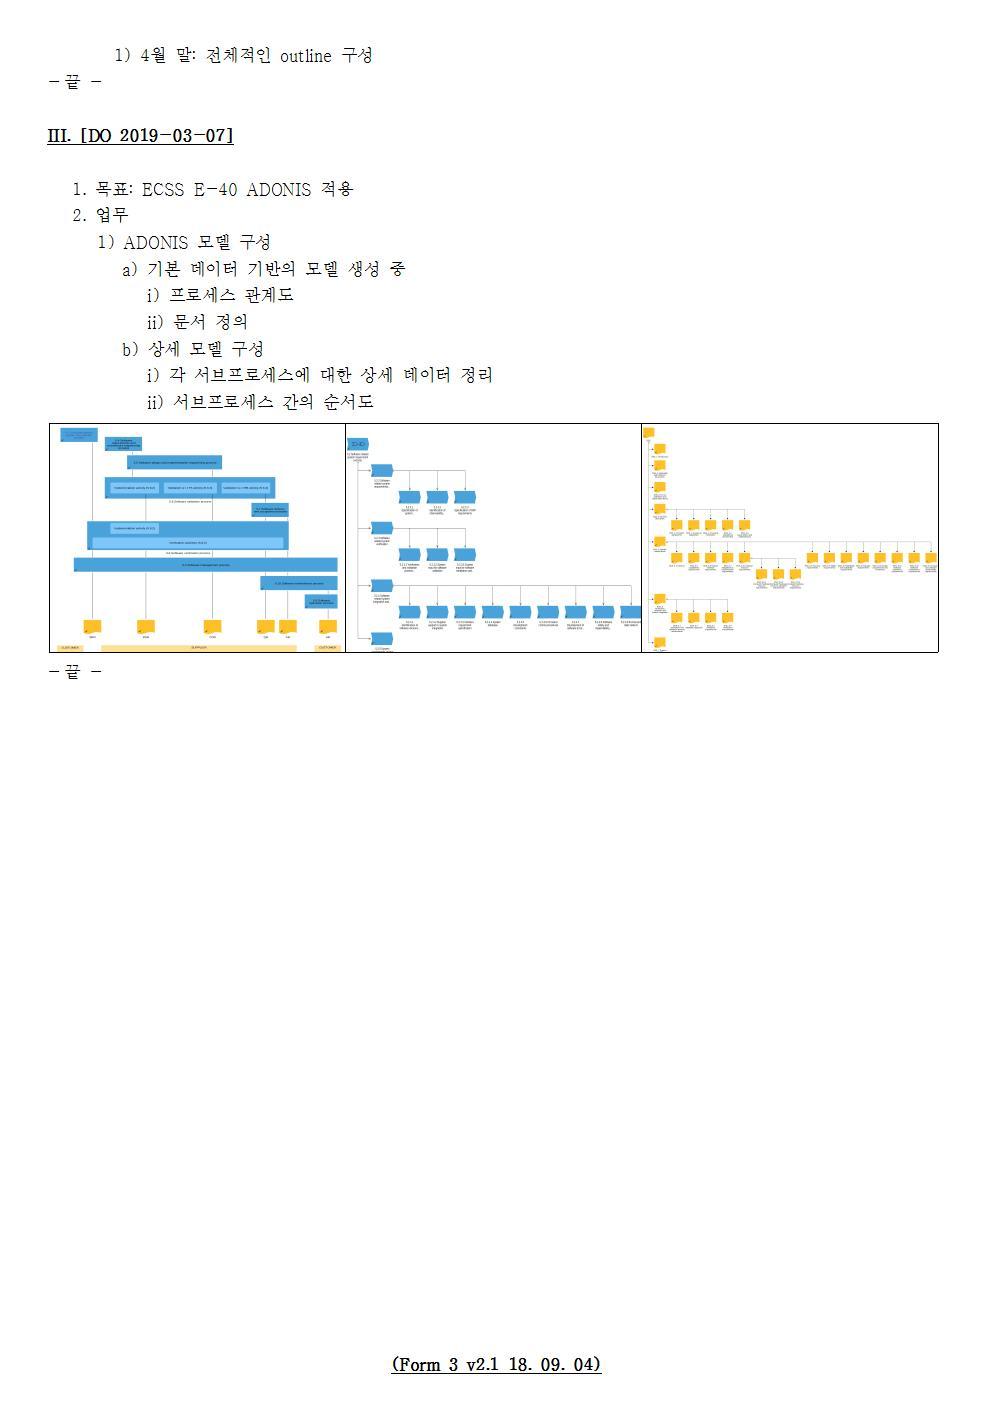 D-[19-004-RD-04]-[CMS]-[2019-03-07][YB]002.jpg